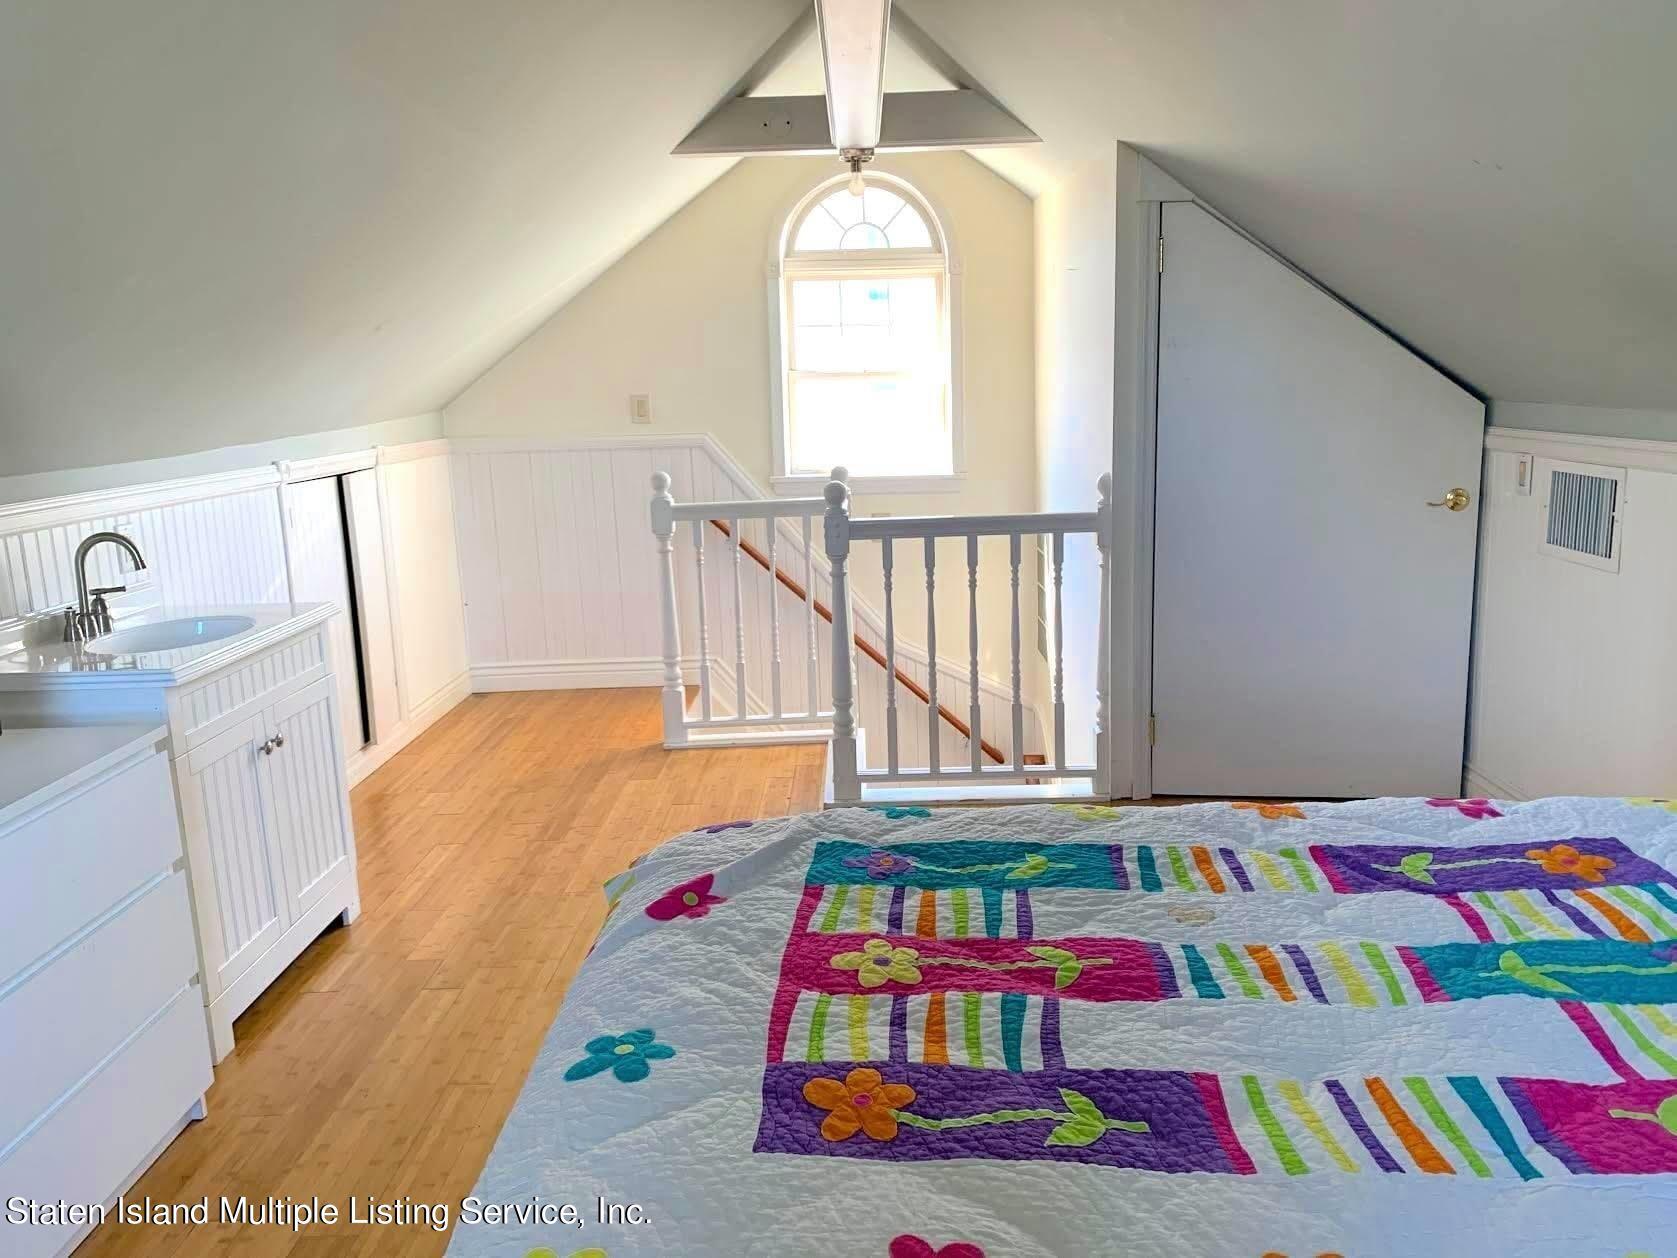 Single Family - Detached 65 Hartford Avenue  Staten Island, NY 10310, MLS-1145980-13